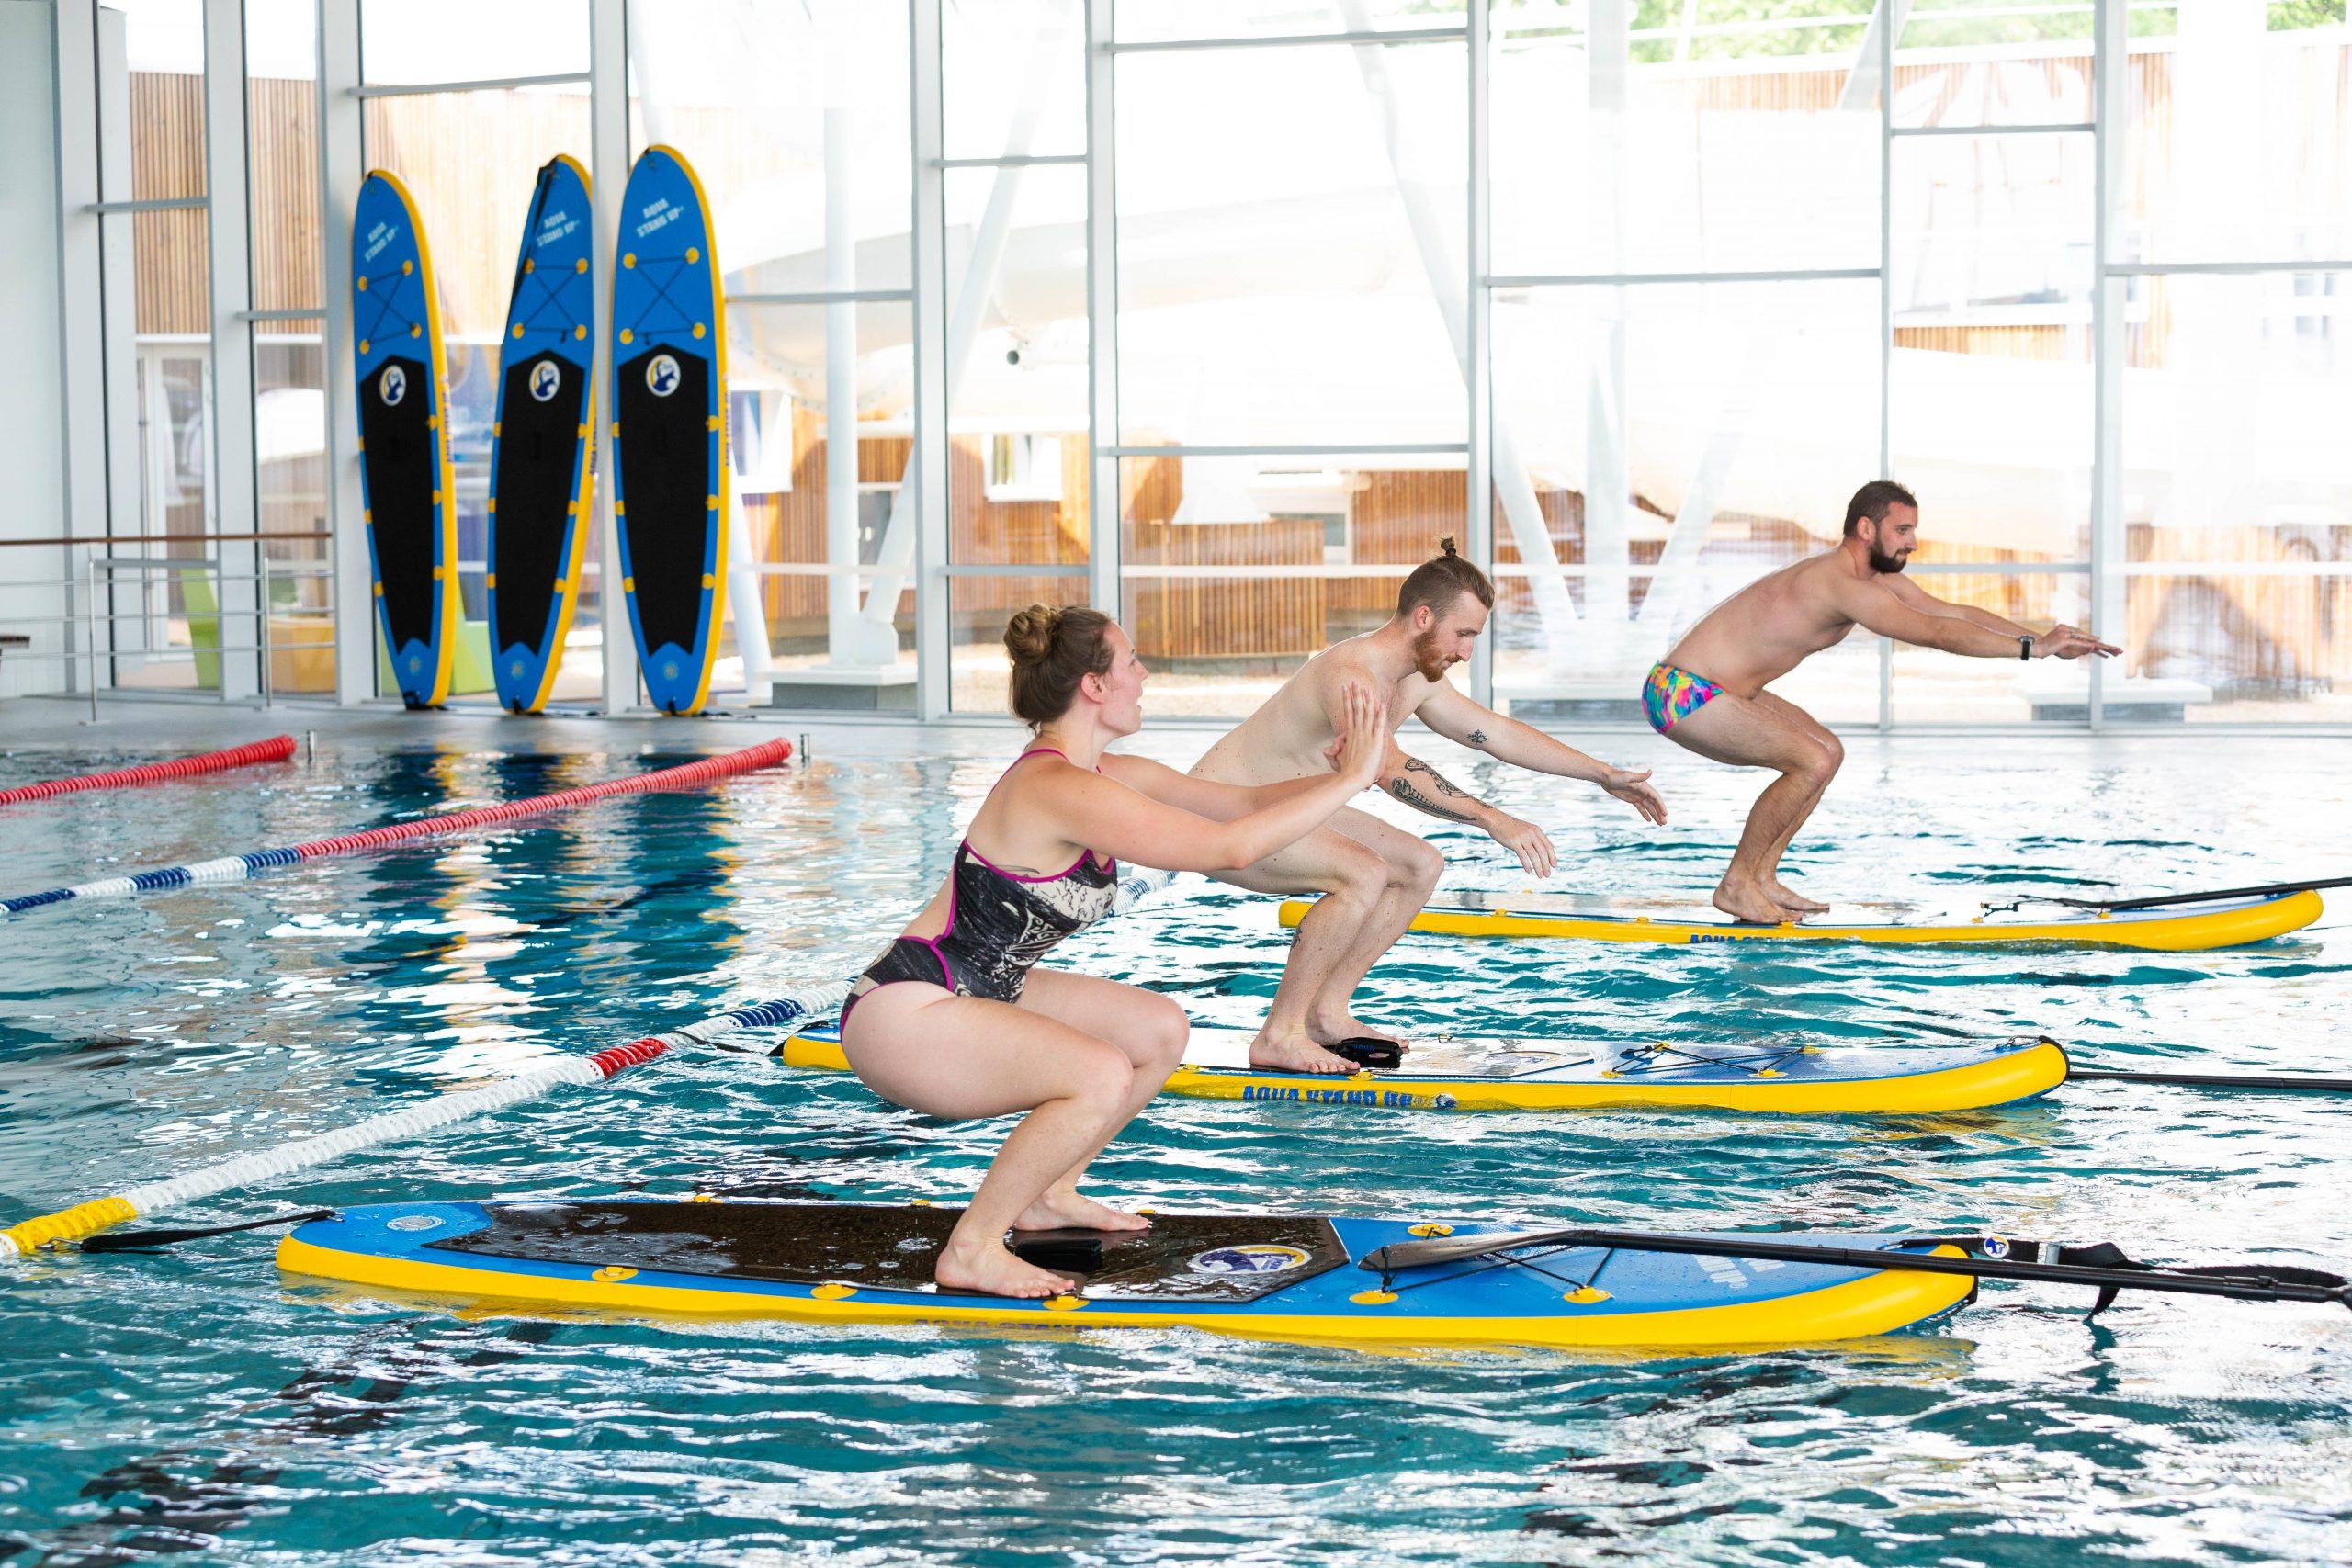 Le Paddle Piscine - Un Sport Complet - Aqua°Bulles Saint Fulgent encequiconcerne Piscine Saint Fulgent